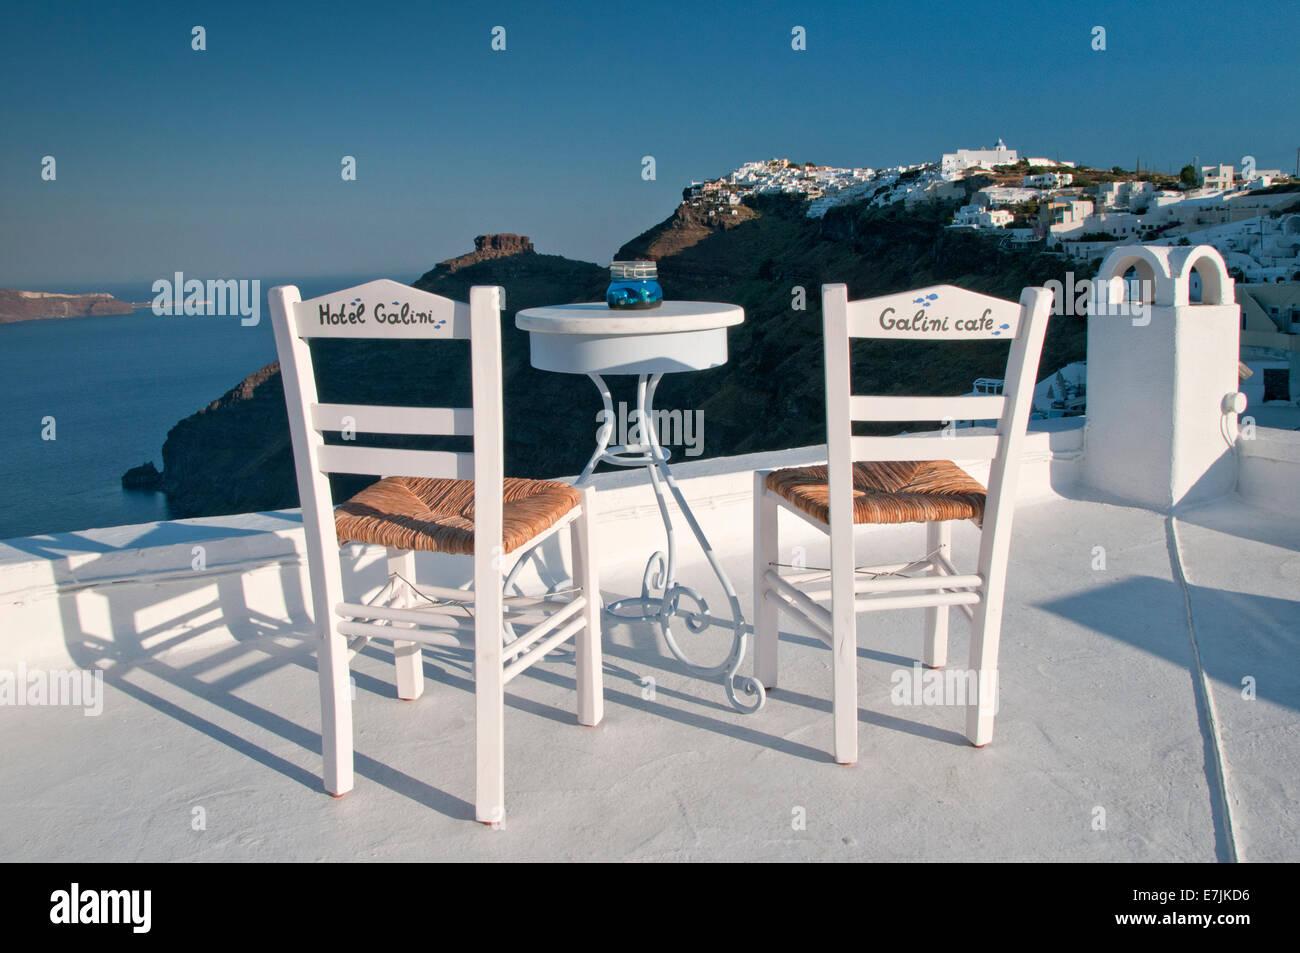 Hôtel Galini Table et chaises donnant sur la caldeira, Firostefani, Santorini, Cyclades, îles grecques, Photo Stock